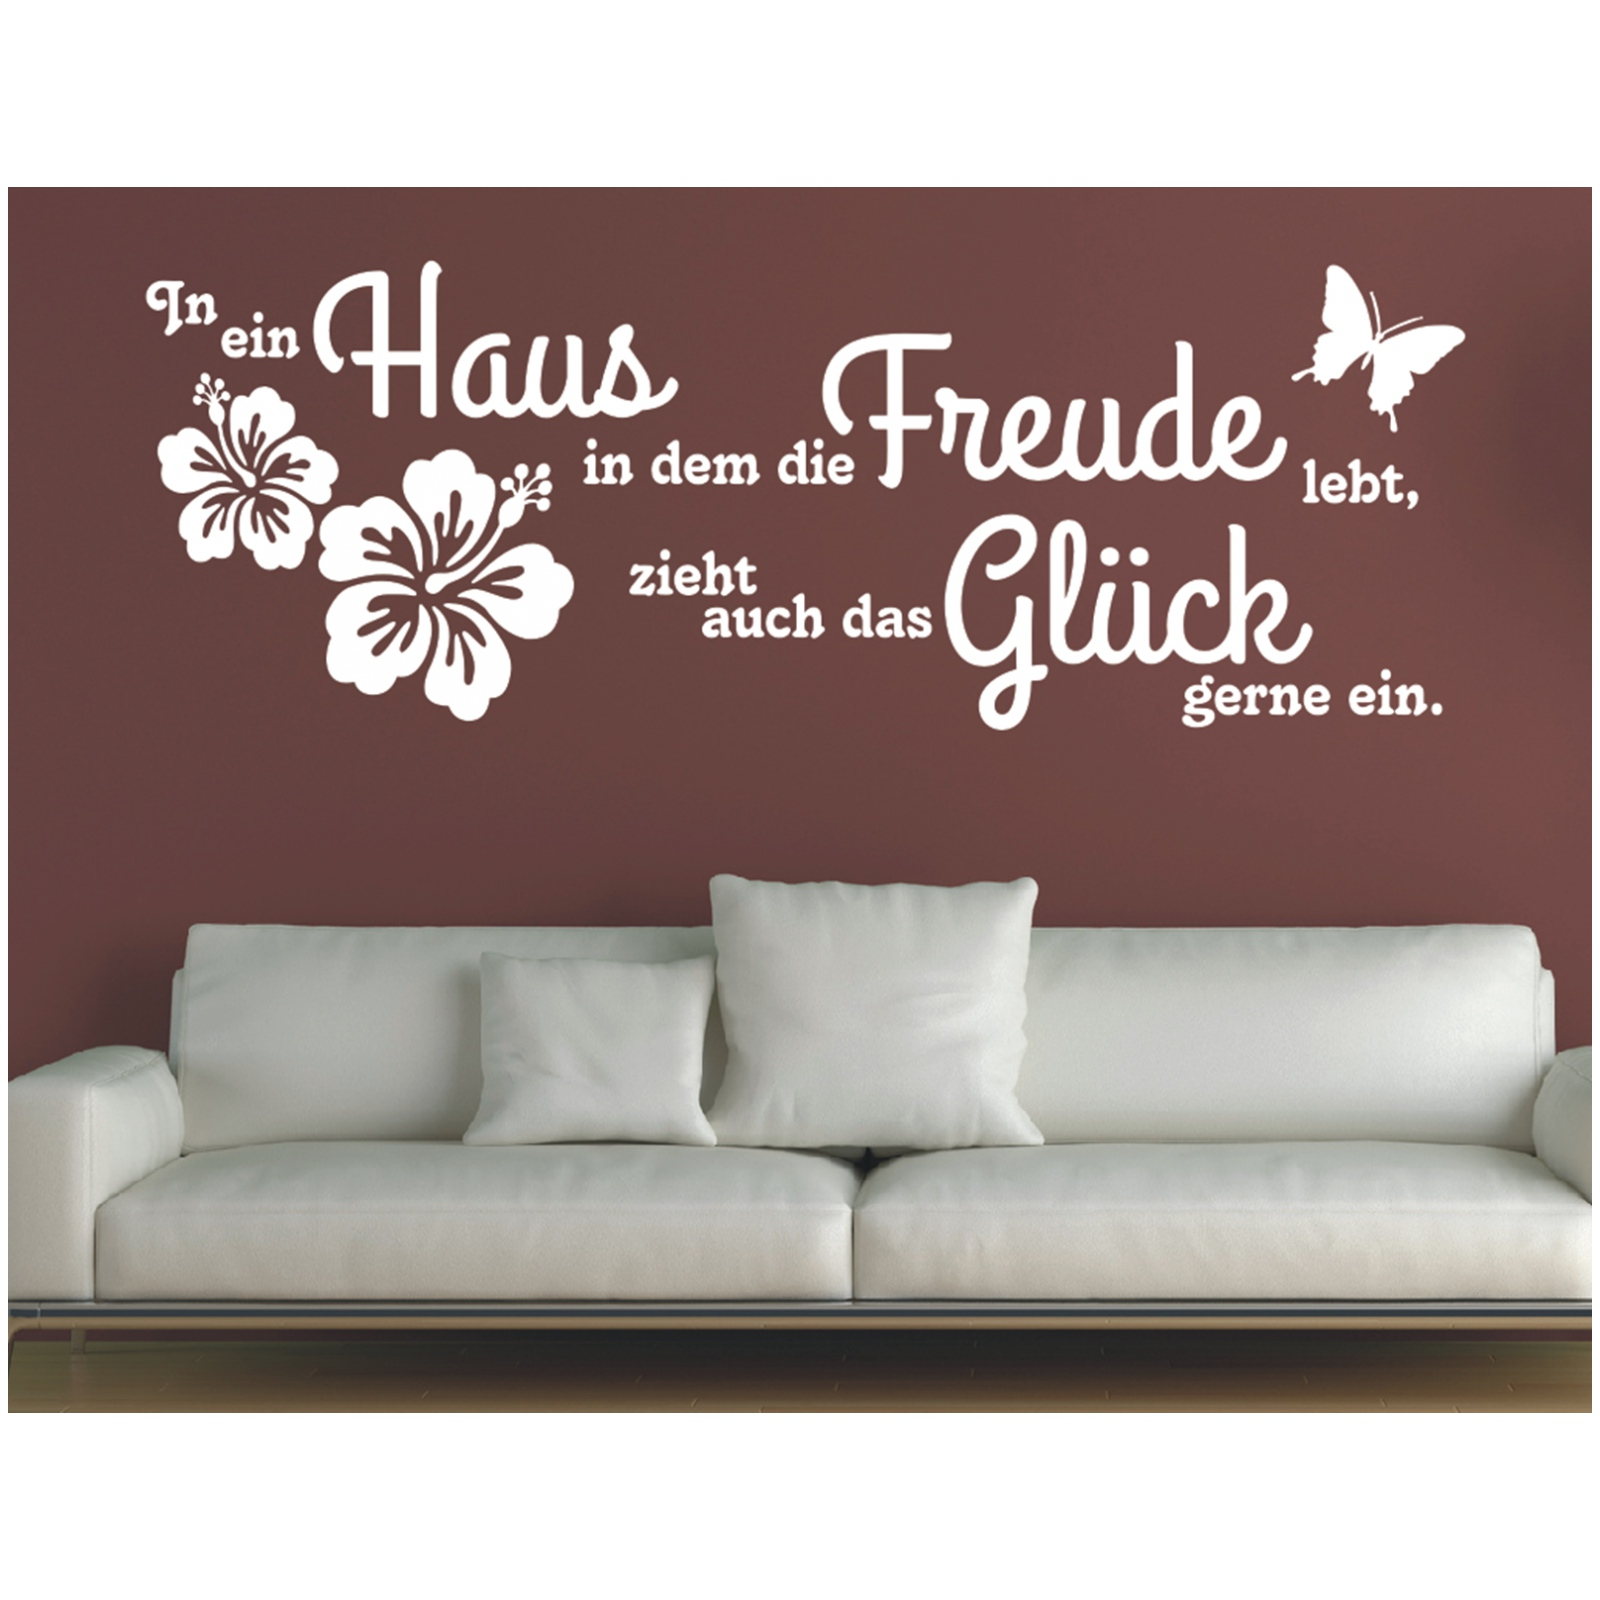 Wandtattoo-Spruch-In-ein-Haus-Glueck-Freude-Wandaufkleber-Aufkleber-Sticker